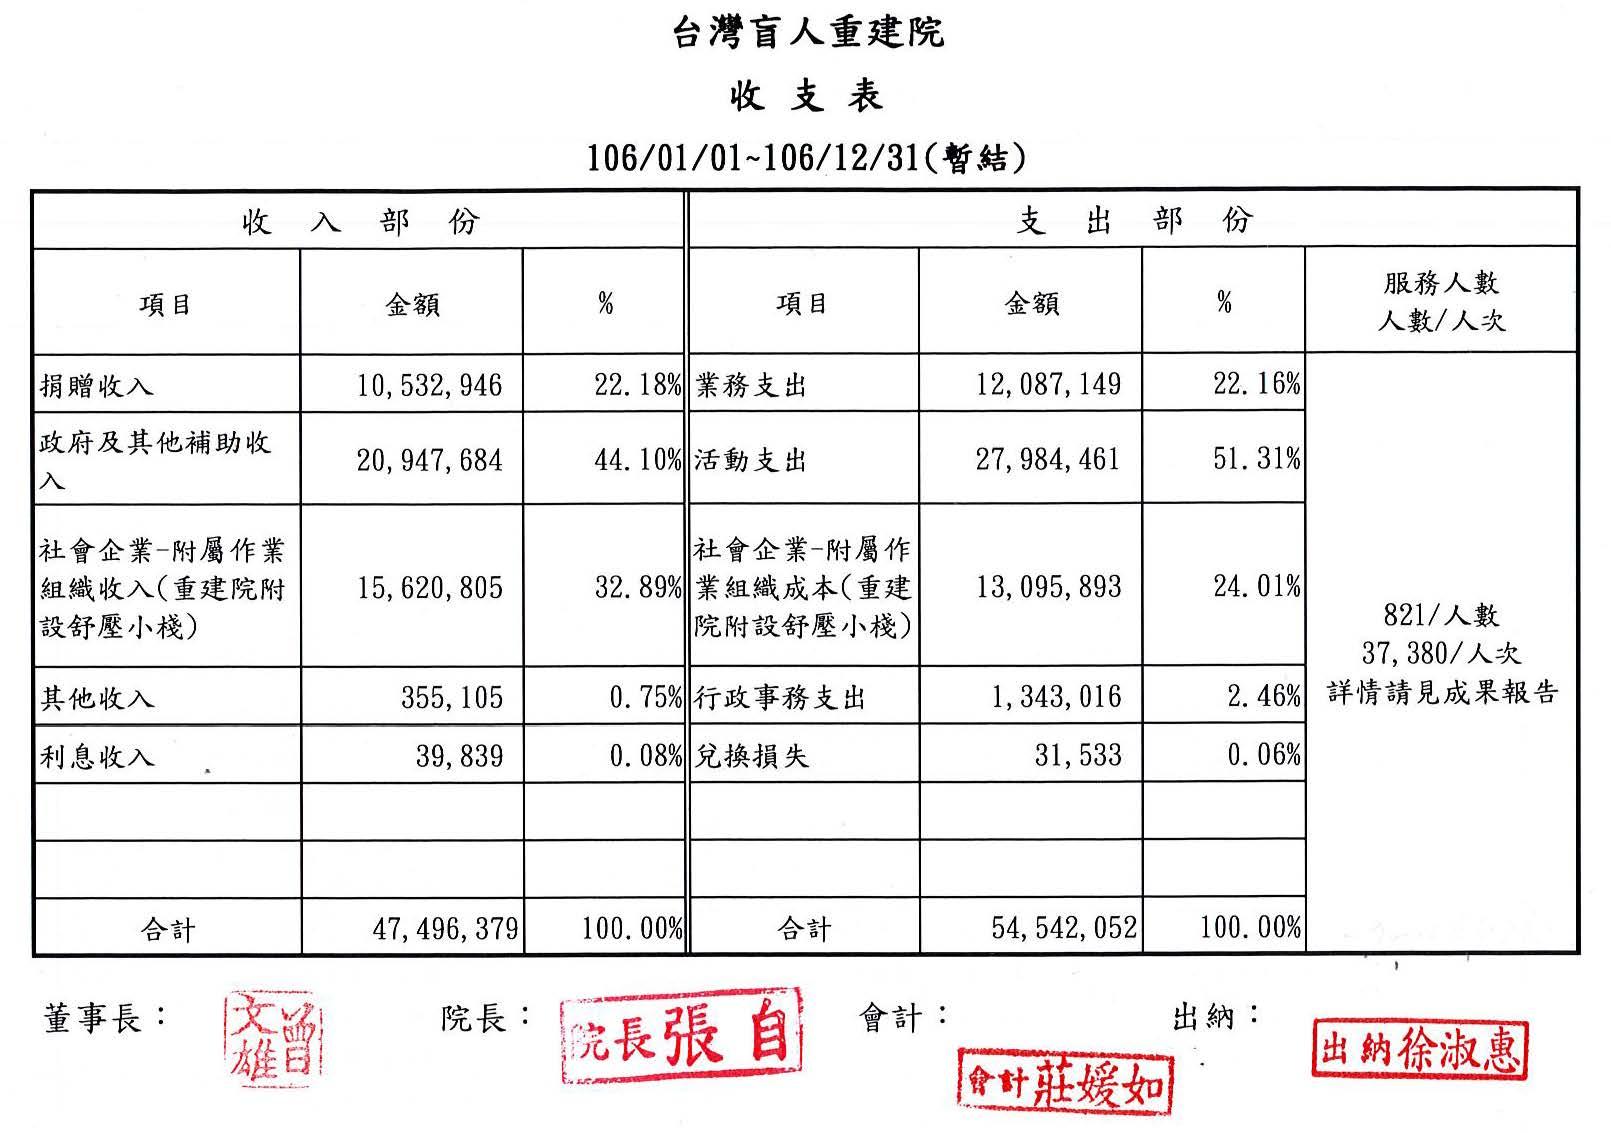 2017年12月收支表